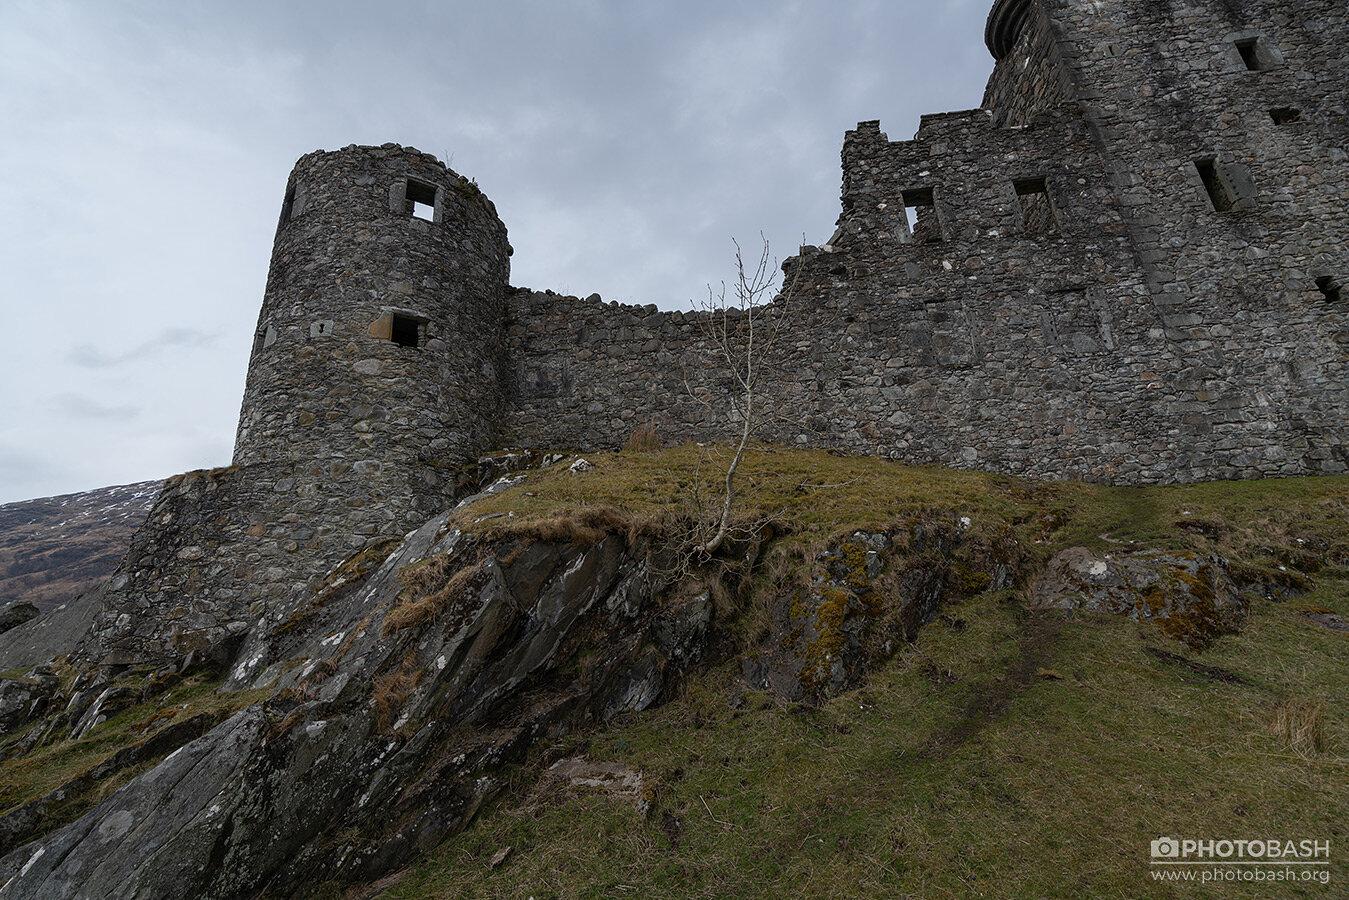 تصاویر رفرنس از قلعه های اسکاتلند